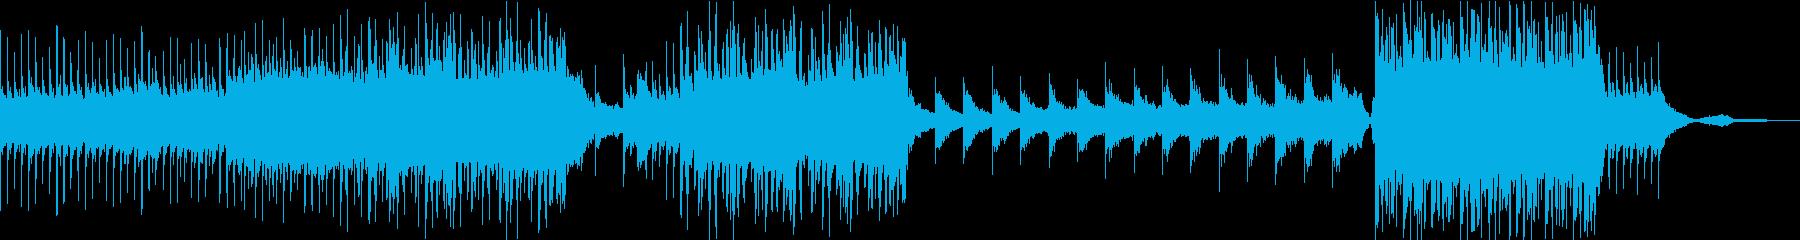 エモーショナルなピアノバラードの再生済みの波形